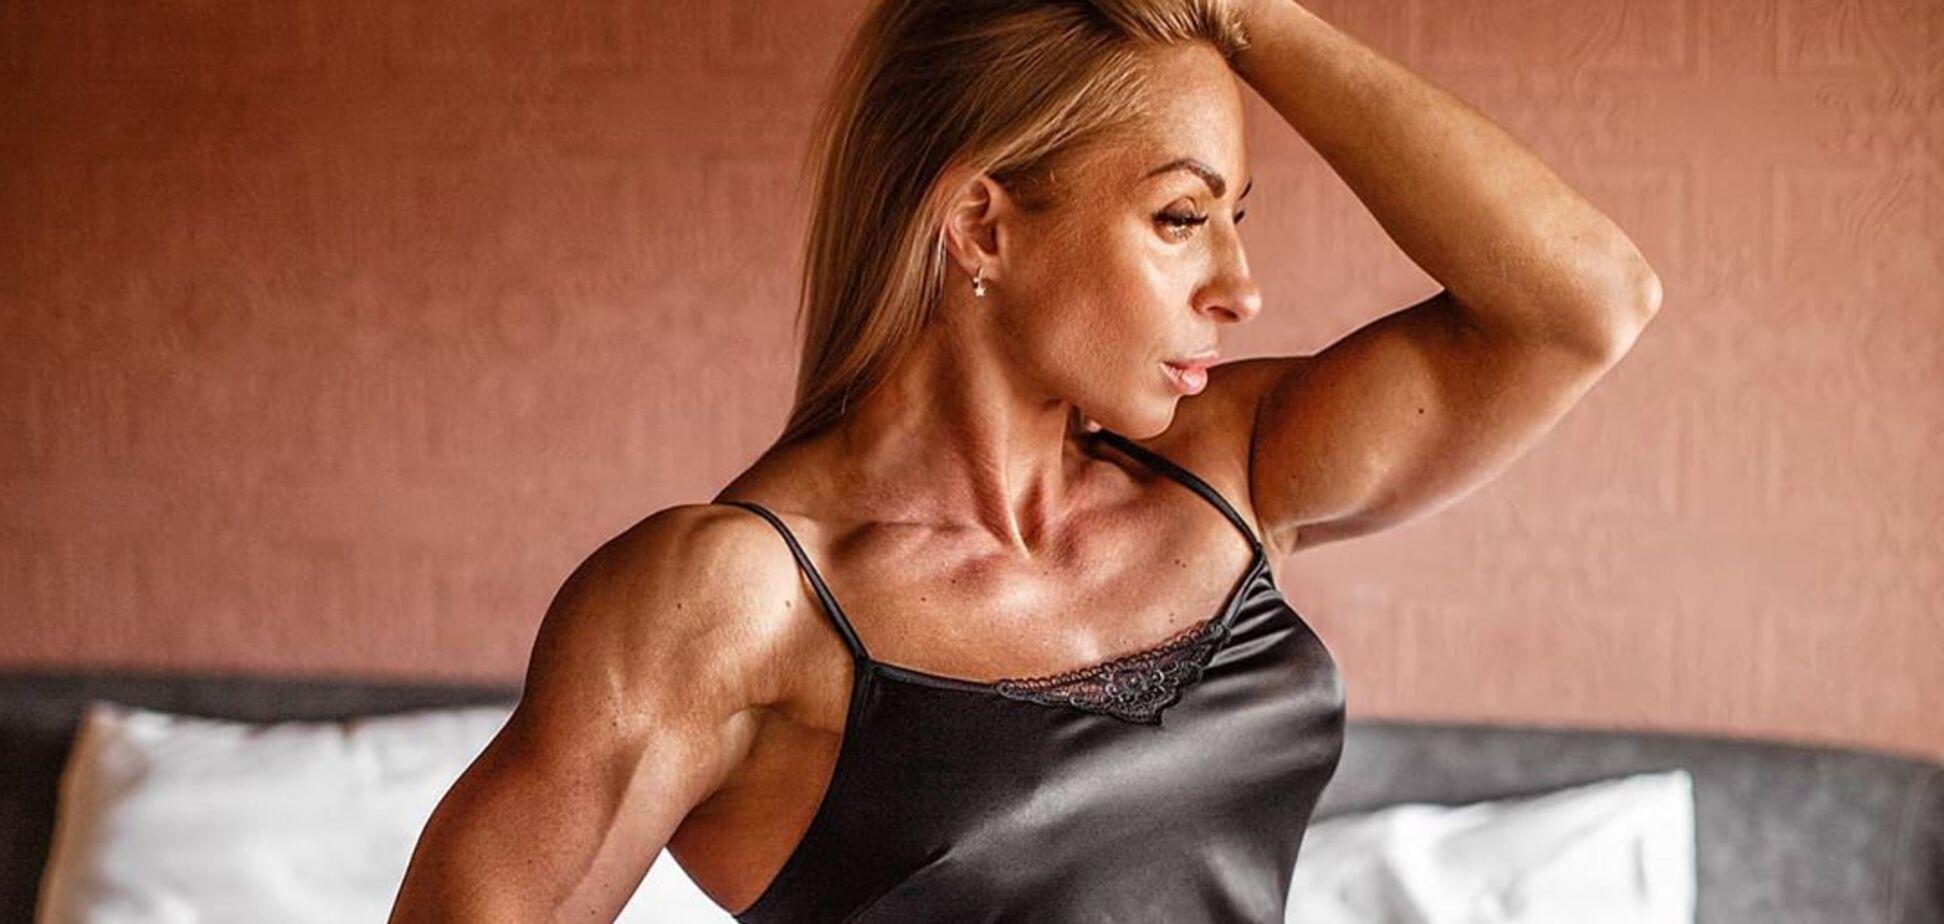 Російська чемпіонка з фітнесу Лариса Савельєва знялася оголеною